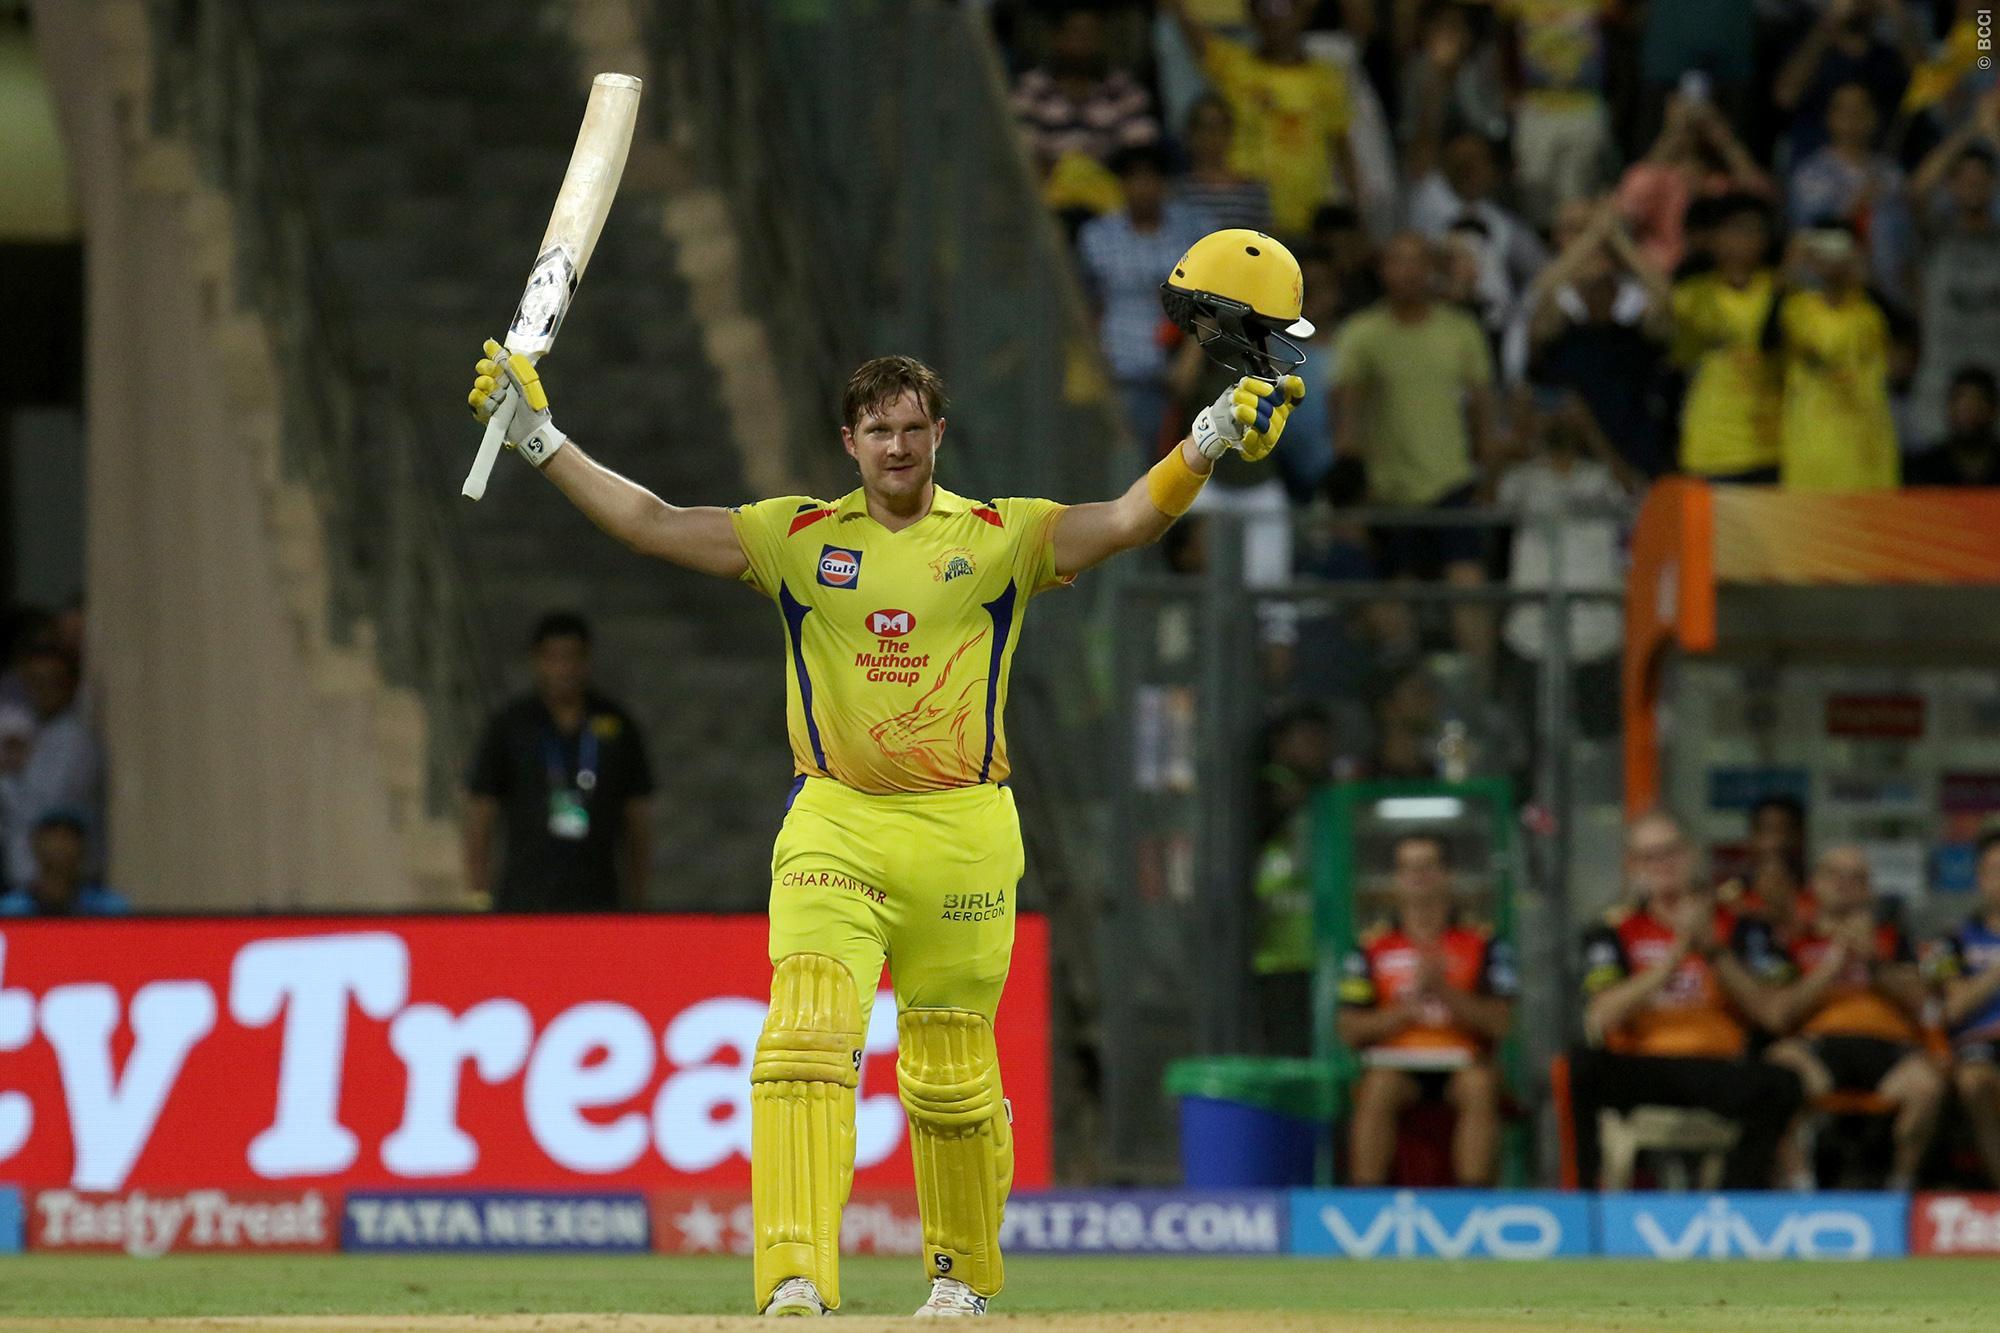 वाटसन की पारी देख रणवीर सिंह ने फ़िल्मी स्टाइल में दी वाटसन और चेन्नई को बधाई 19